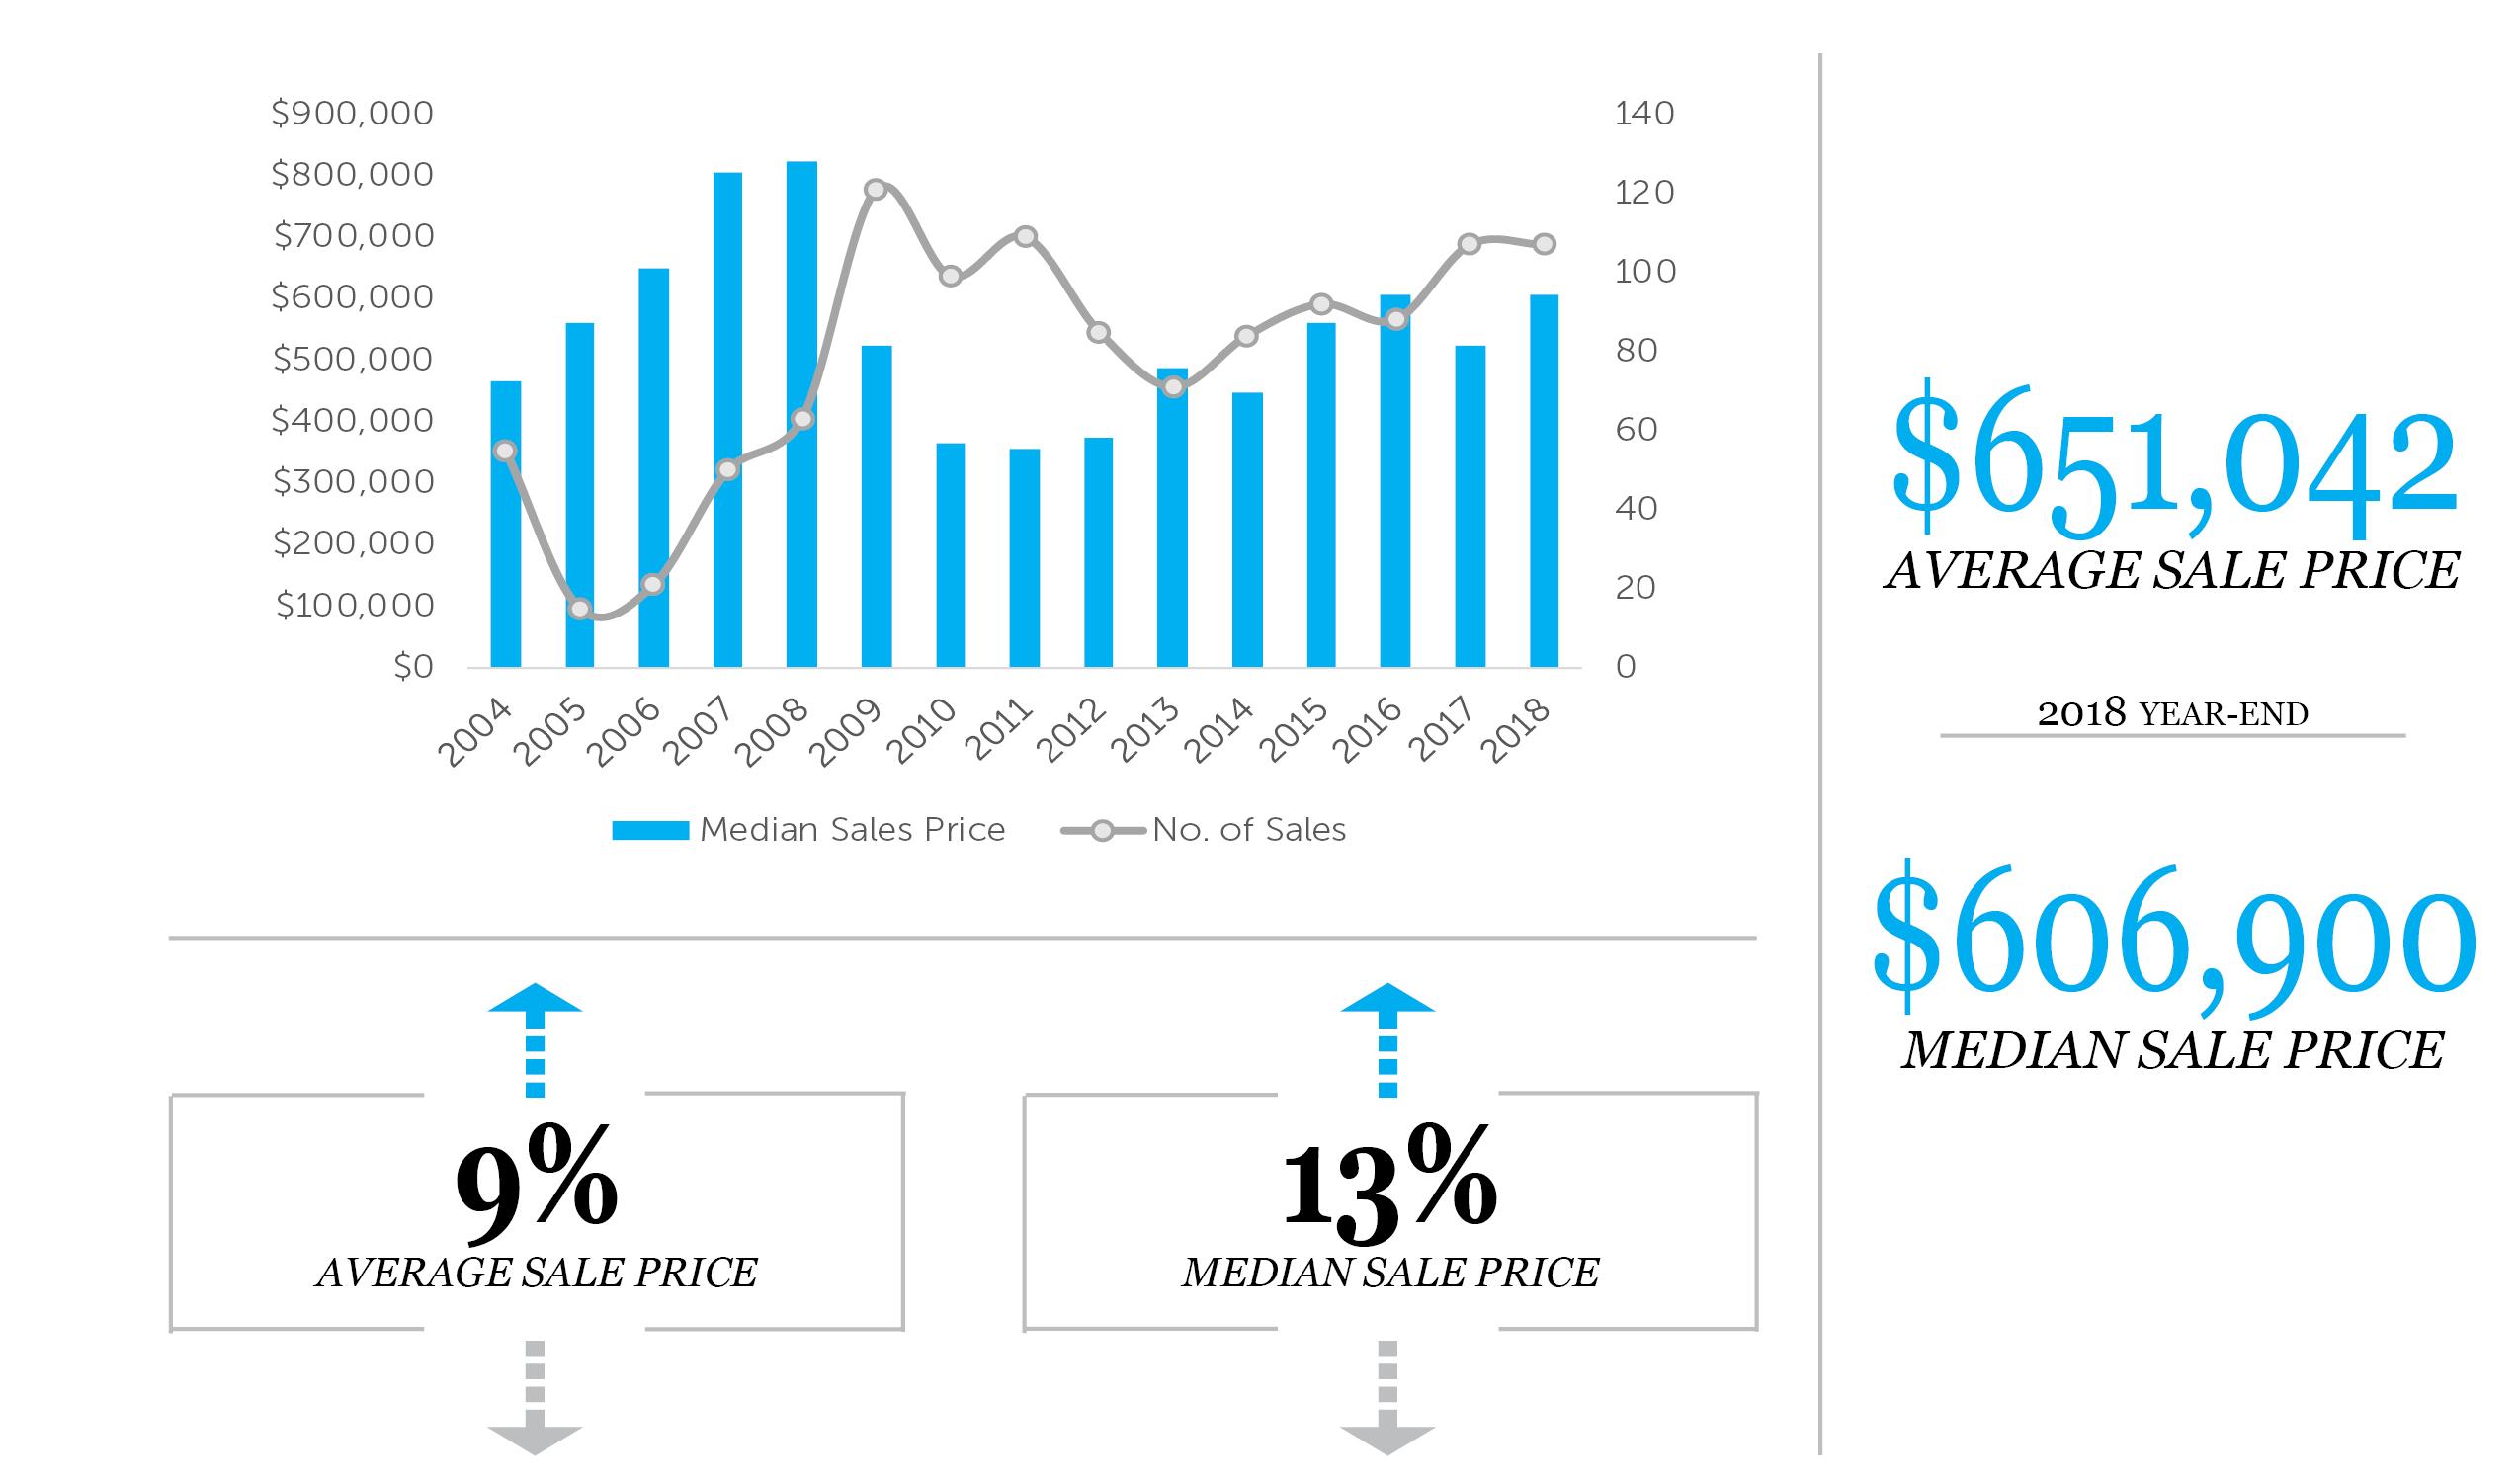 2004 - 2018 Median Condo Sales Price